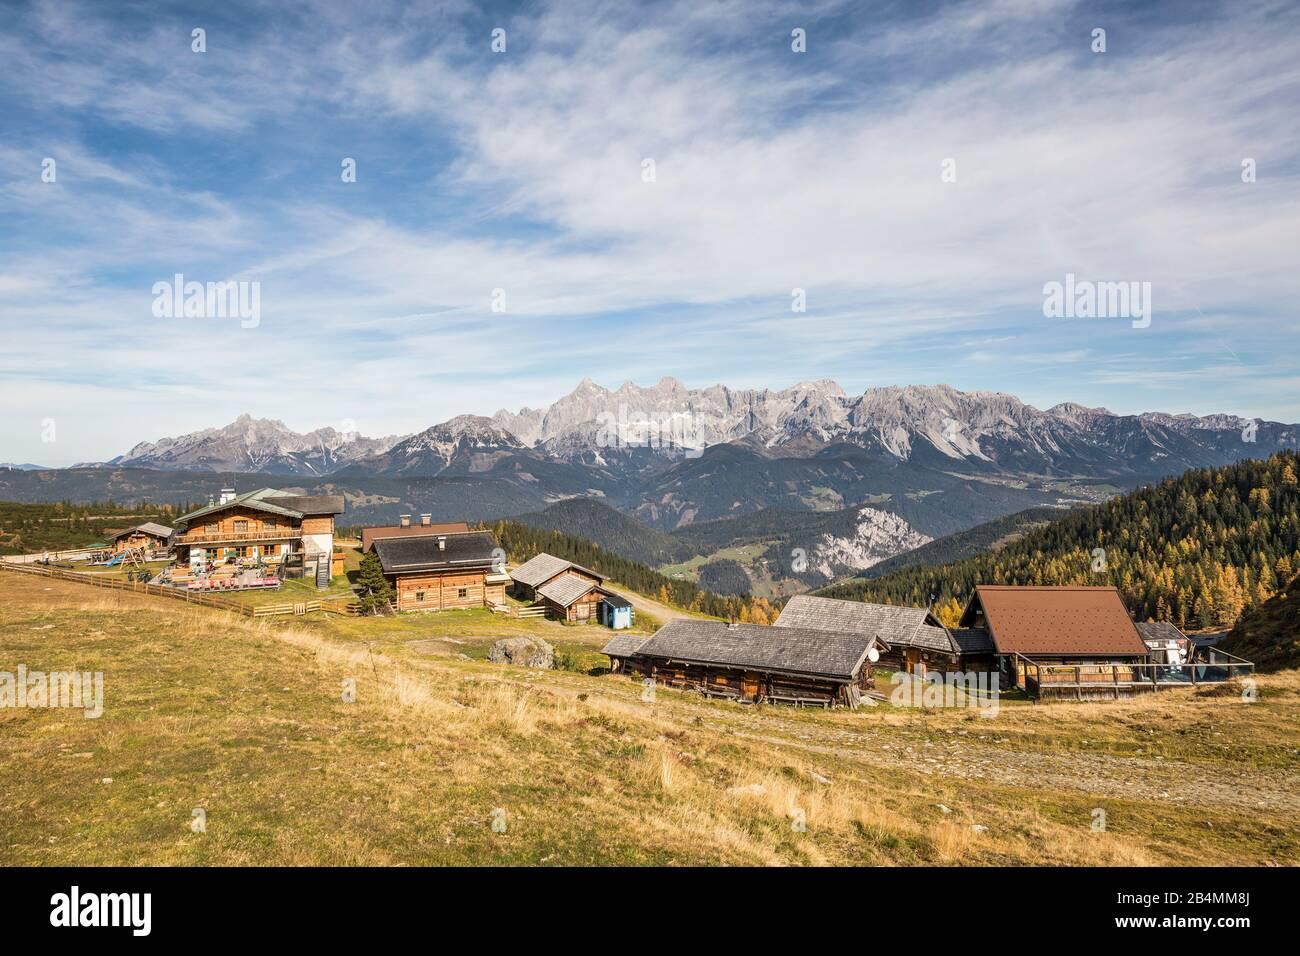 Alpengasthof Trinkeralm (1800 m) und Zefferer Alm (rechts) an der Fageralm, hinten das Dachsteingebirge, Forstau, Pongau, Land Salzburg, Österreich, O Stock Photo